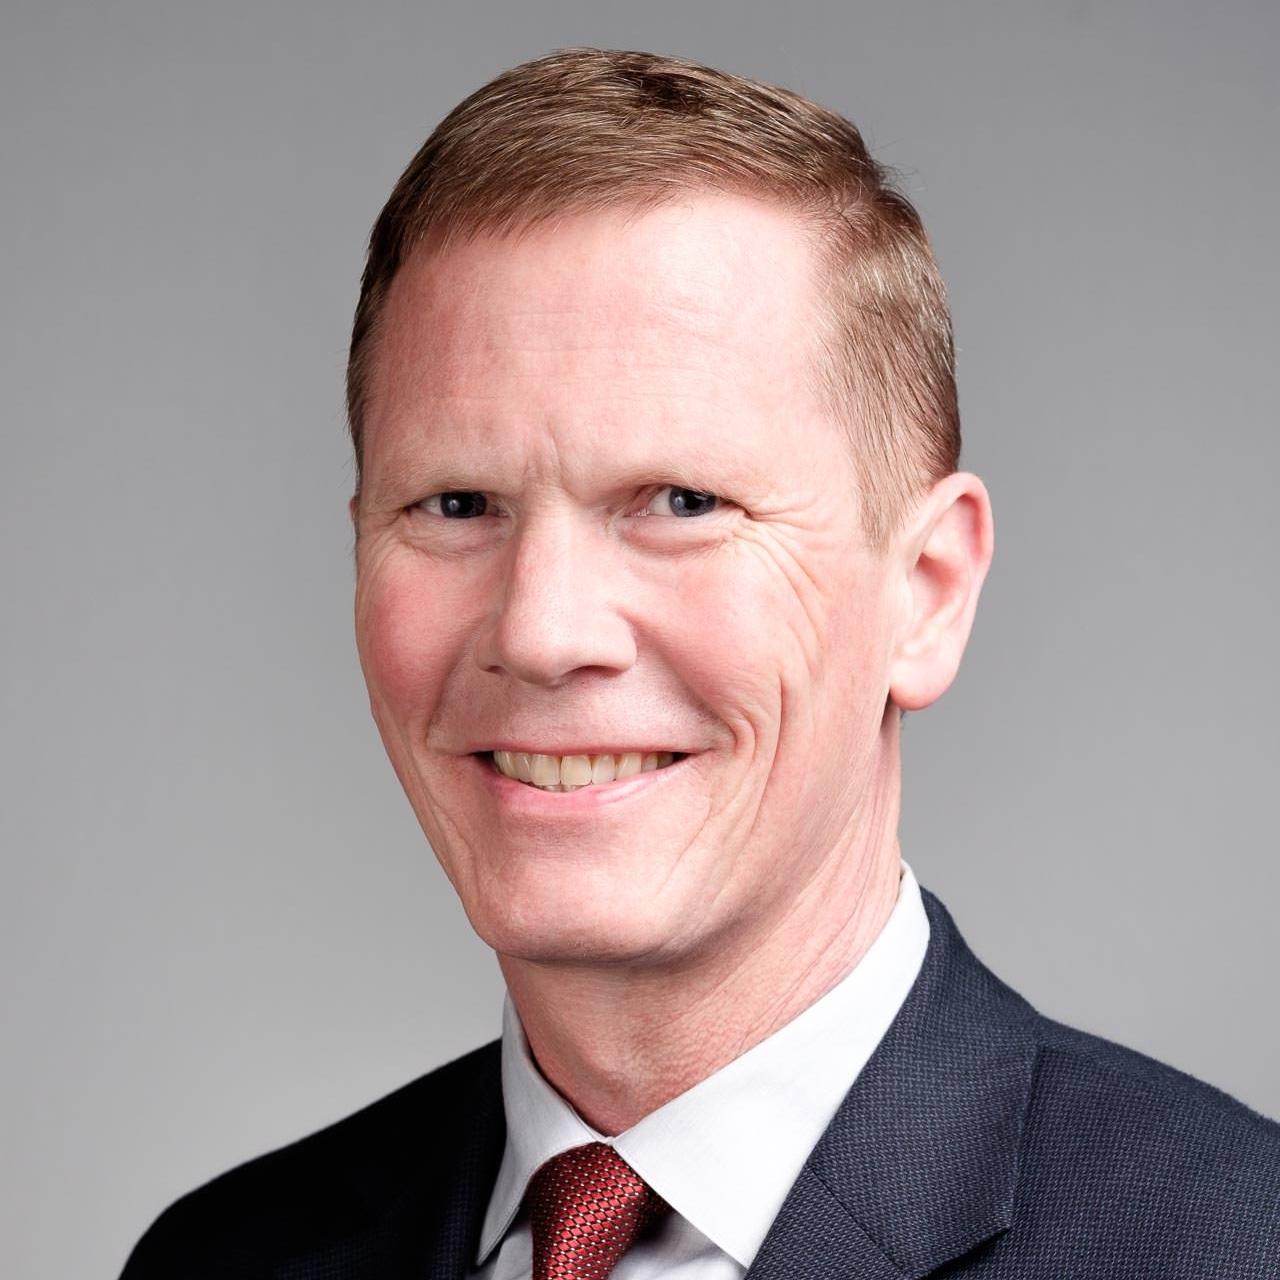 Bloomington City Council Member Tim Busse